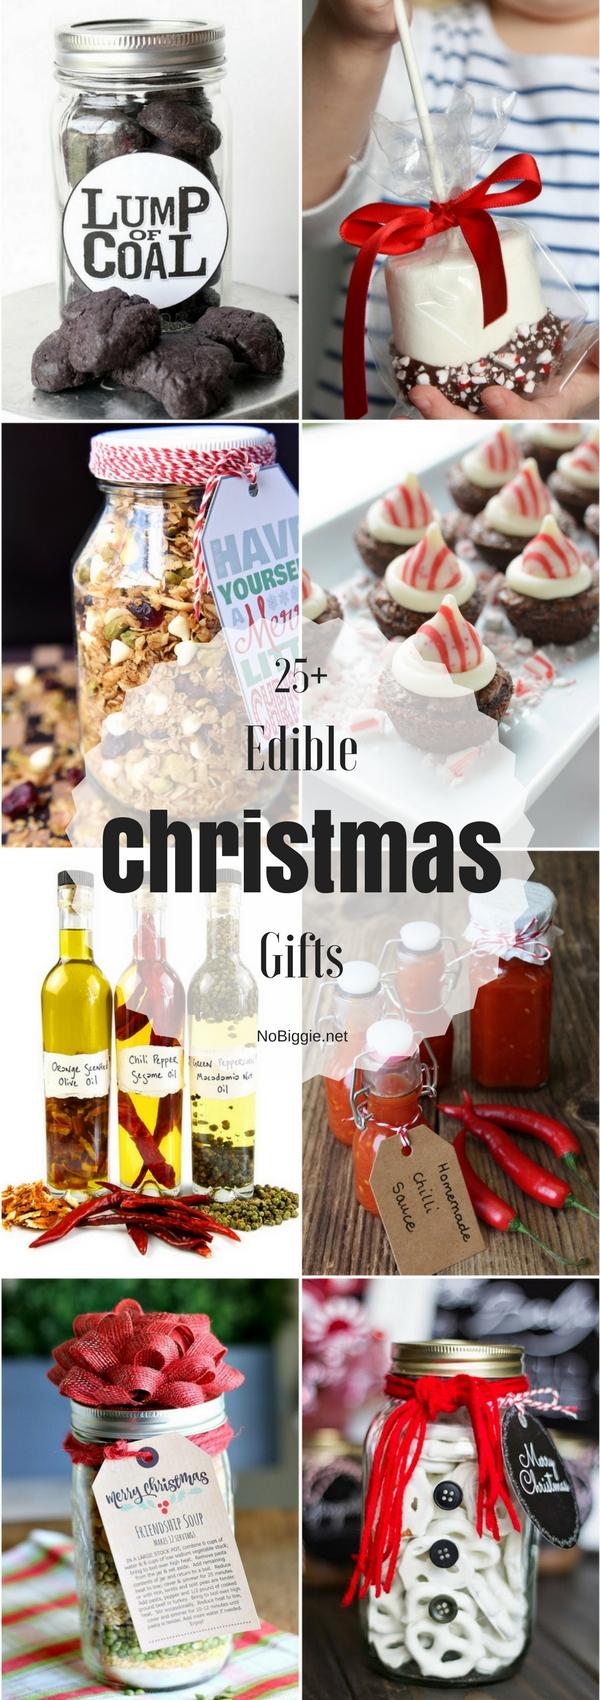 25+ Edible Christmas Gifts | NoBiggie.net